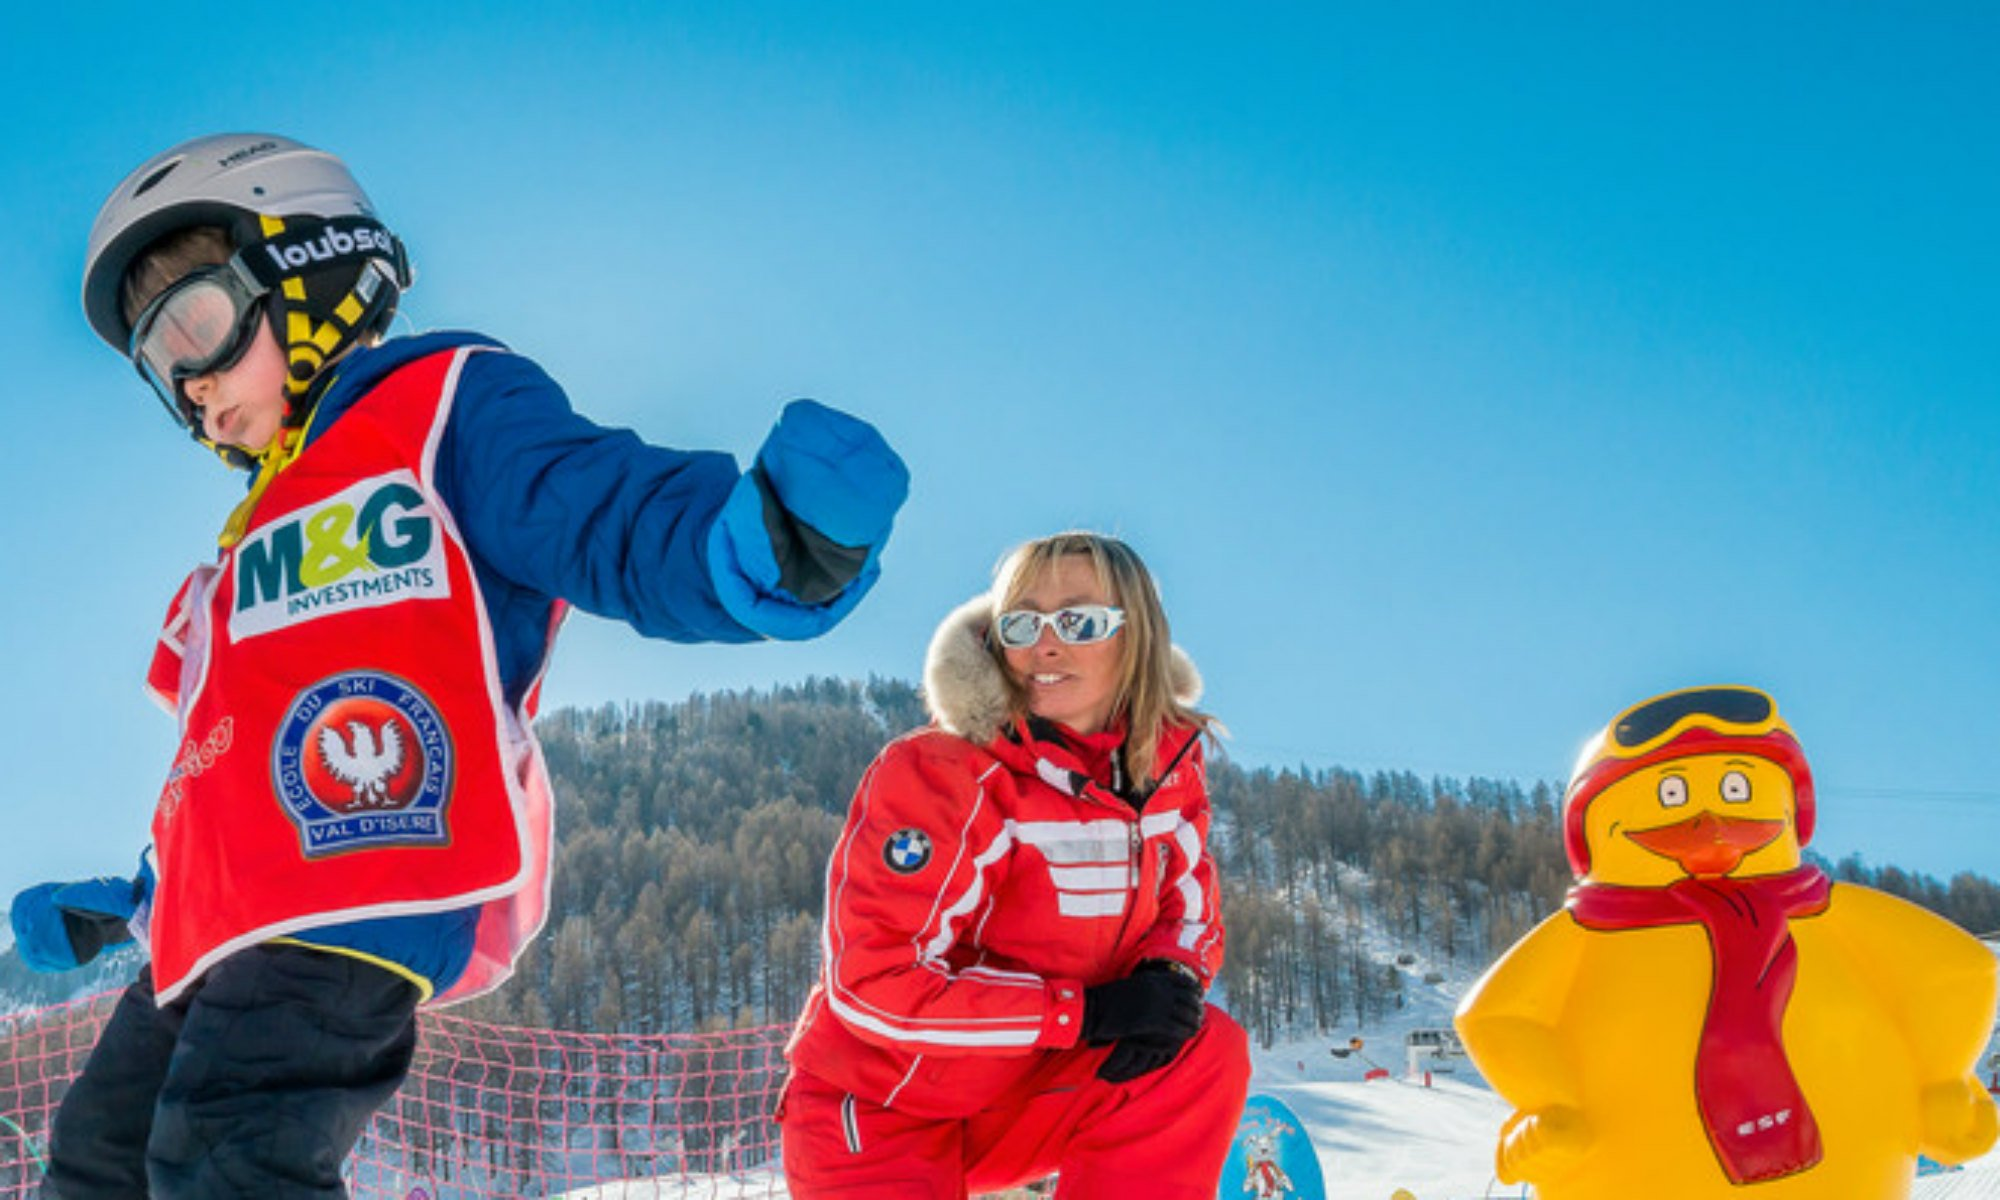 Un enfant skie sous le regard d'une monitrice de ski et la mascotte Piou Piou.